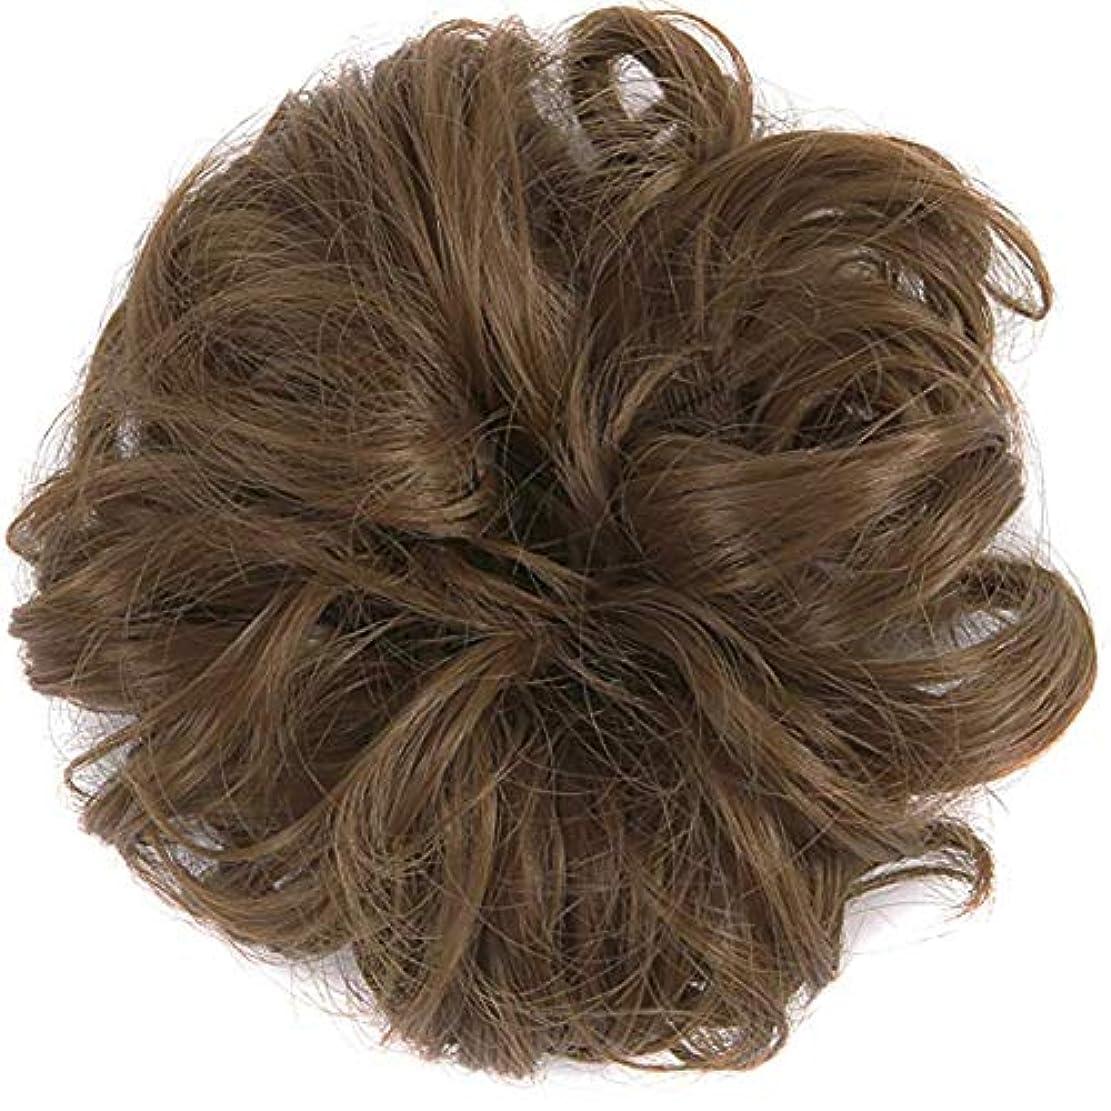 静けさ建築敬意を表するテープループバンズバンズの女性と少女汚い波状ヘアエクステンションの毛のかつらは、かつら(ライトブラウン)ポニーテール